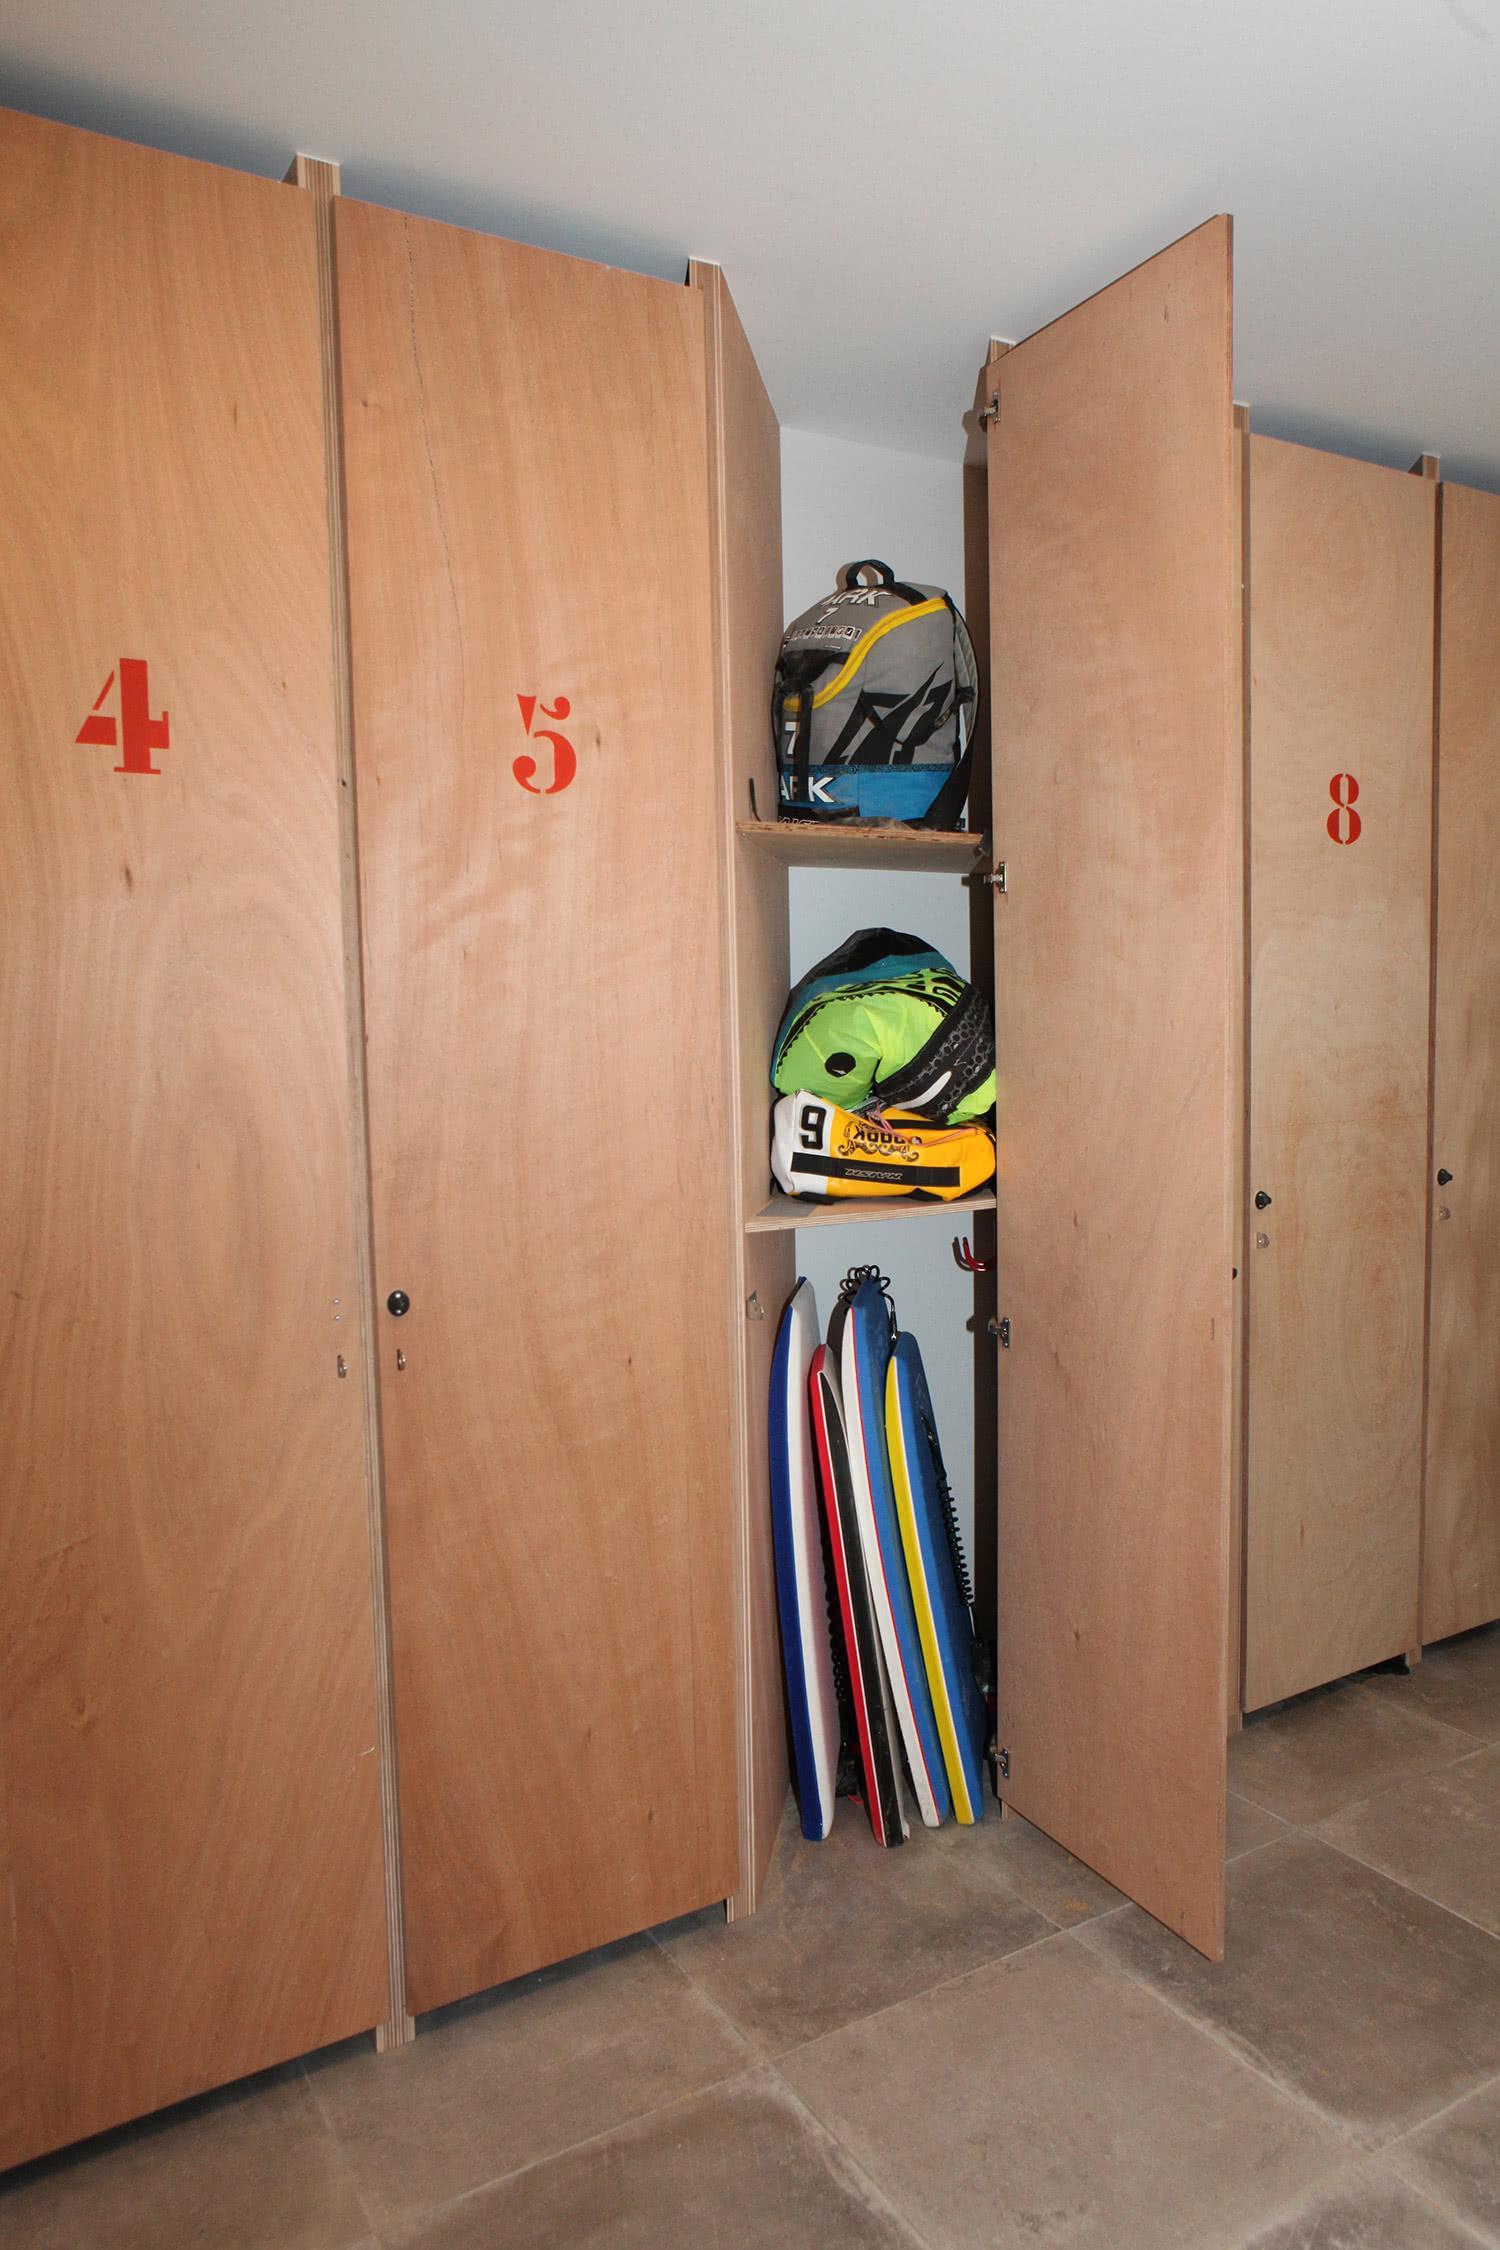 Casiers de rangement avec verrou disponible dans le garage de notre location de Sainte-Barbe.